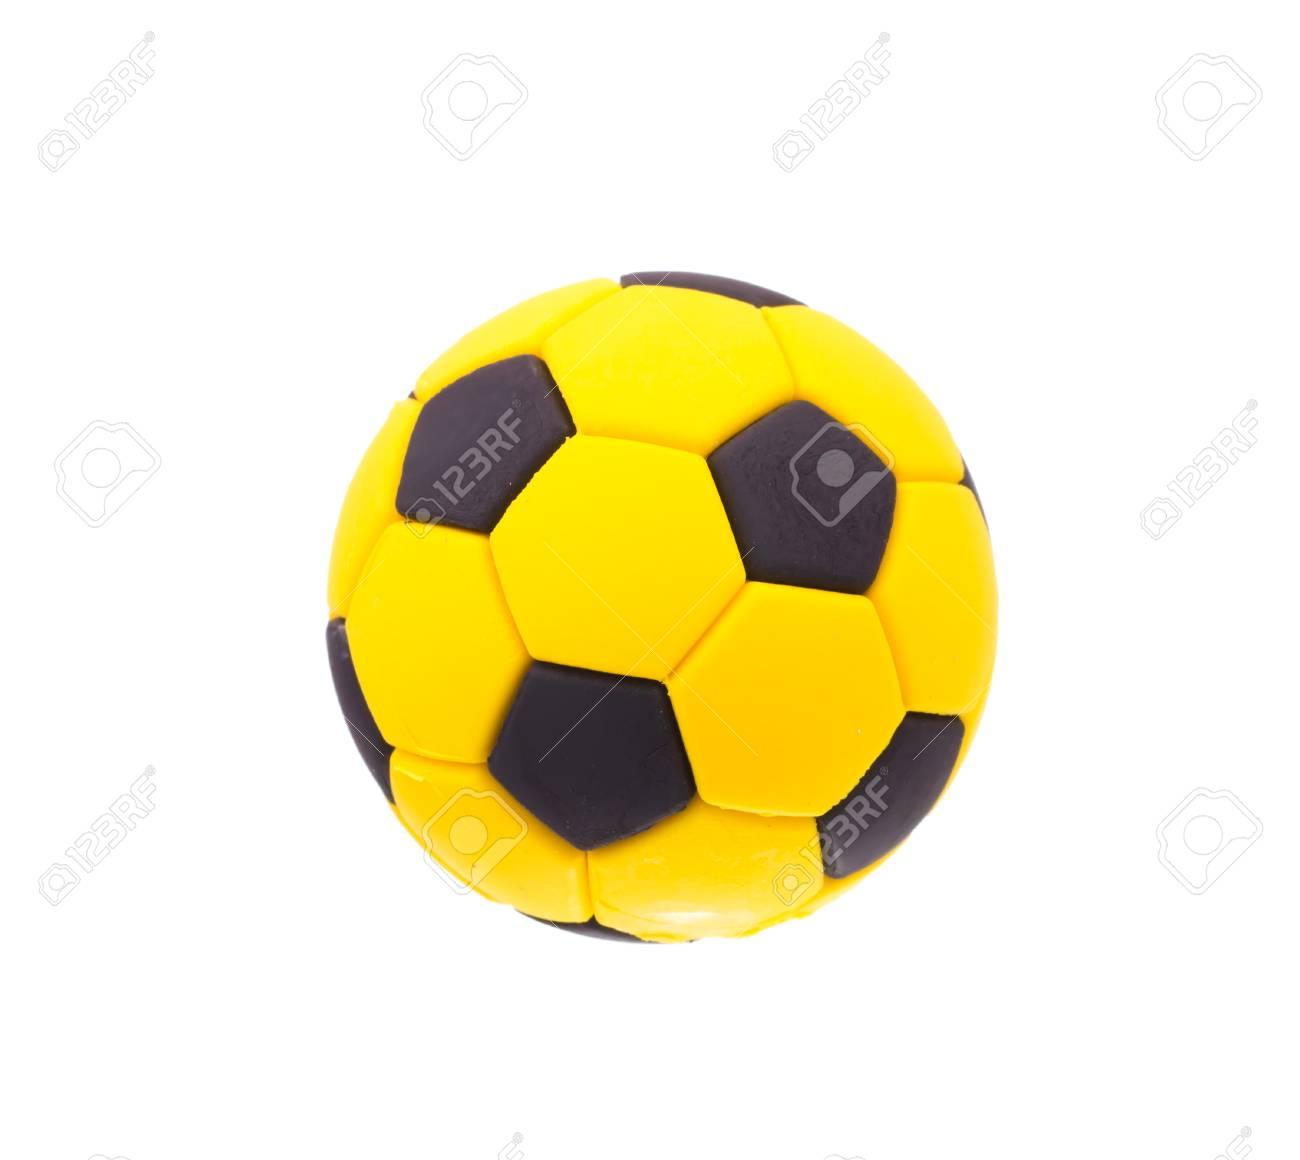 d42cf5c27bdc7 Balón de fútbol de fútbol negro y amarillo aislado en el fondo blanco Foto  de archivo